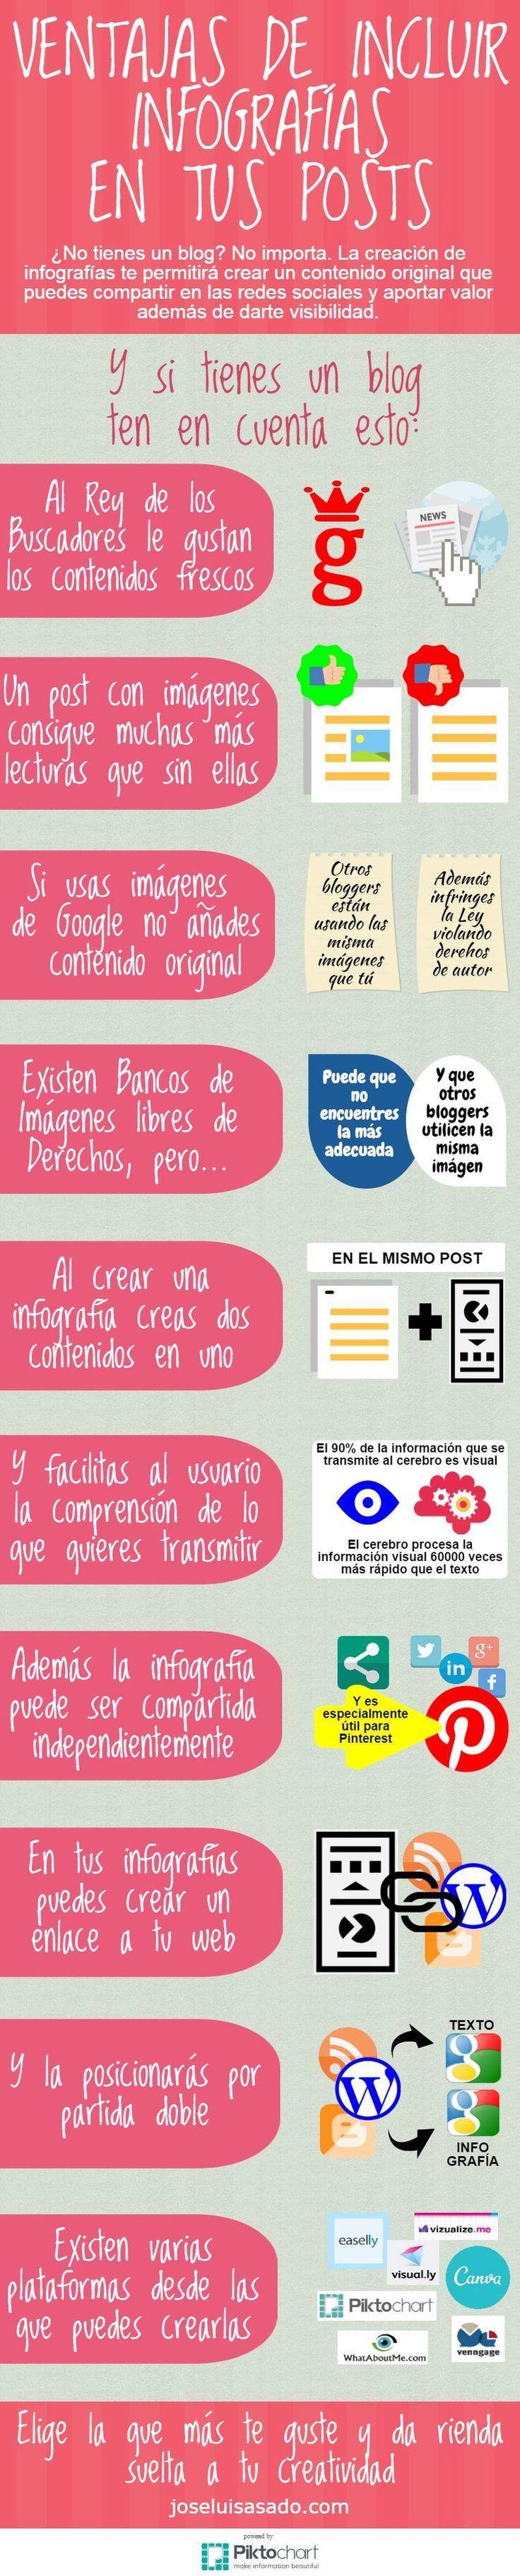 Ventajas de incluir infografías en tus post. Infografía en español. #CommunityManager